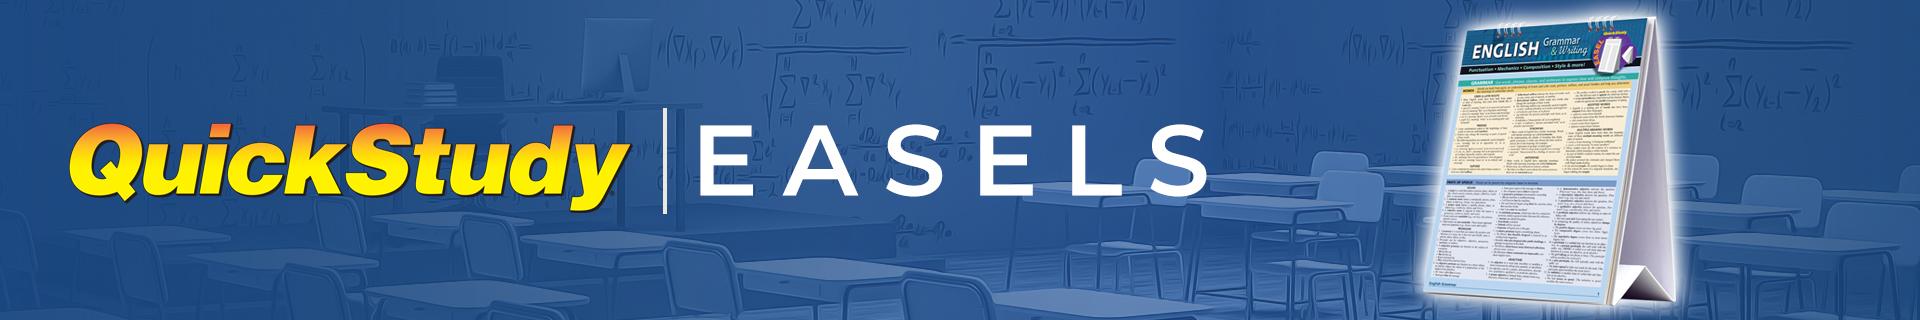 easels-pagebanner.jpg